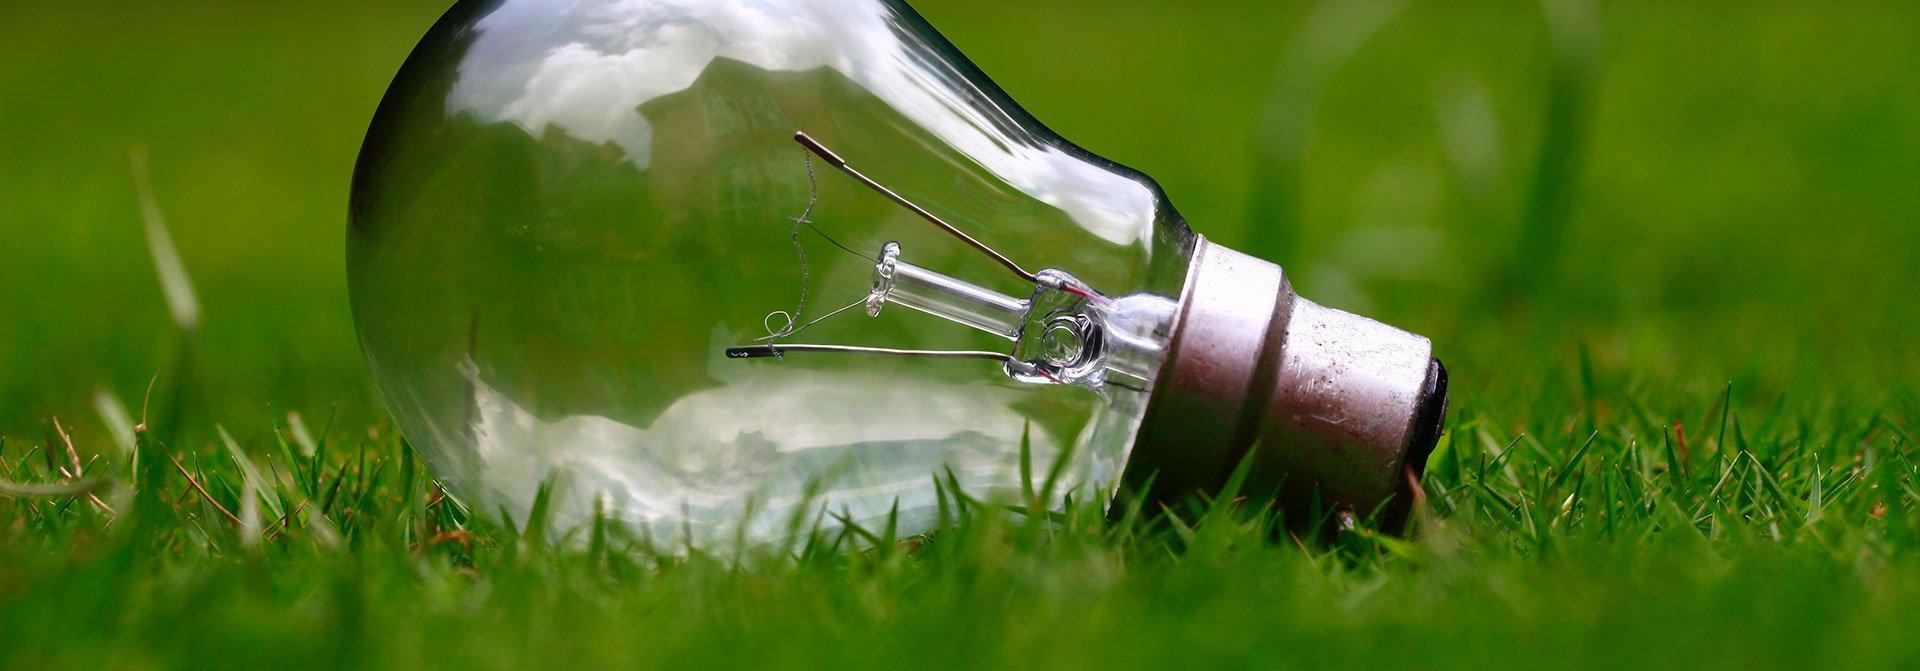 Glühbirne im Gras